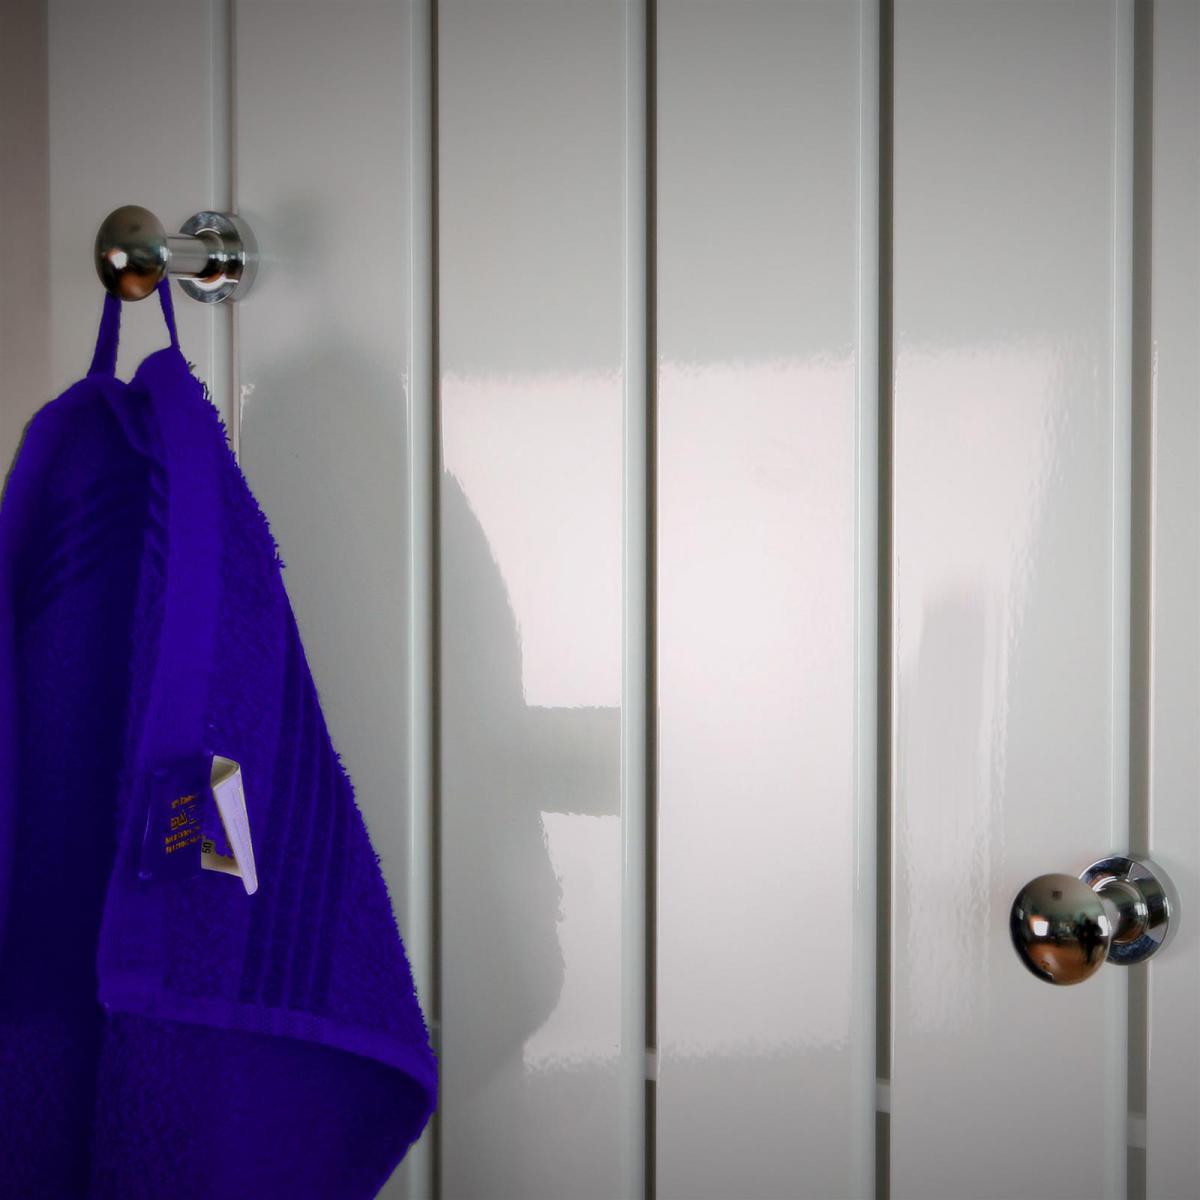 Full Size of Handtuchhalter Heizkörper Wohnraumheizkrper Design Living Aluminium 124 48 10cm Küche Für Bad Wohnzimmer Badezimmer Elektroheizkörper Wohnzimmer Handtuchhalter Heizkörper